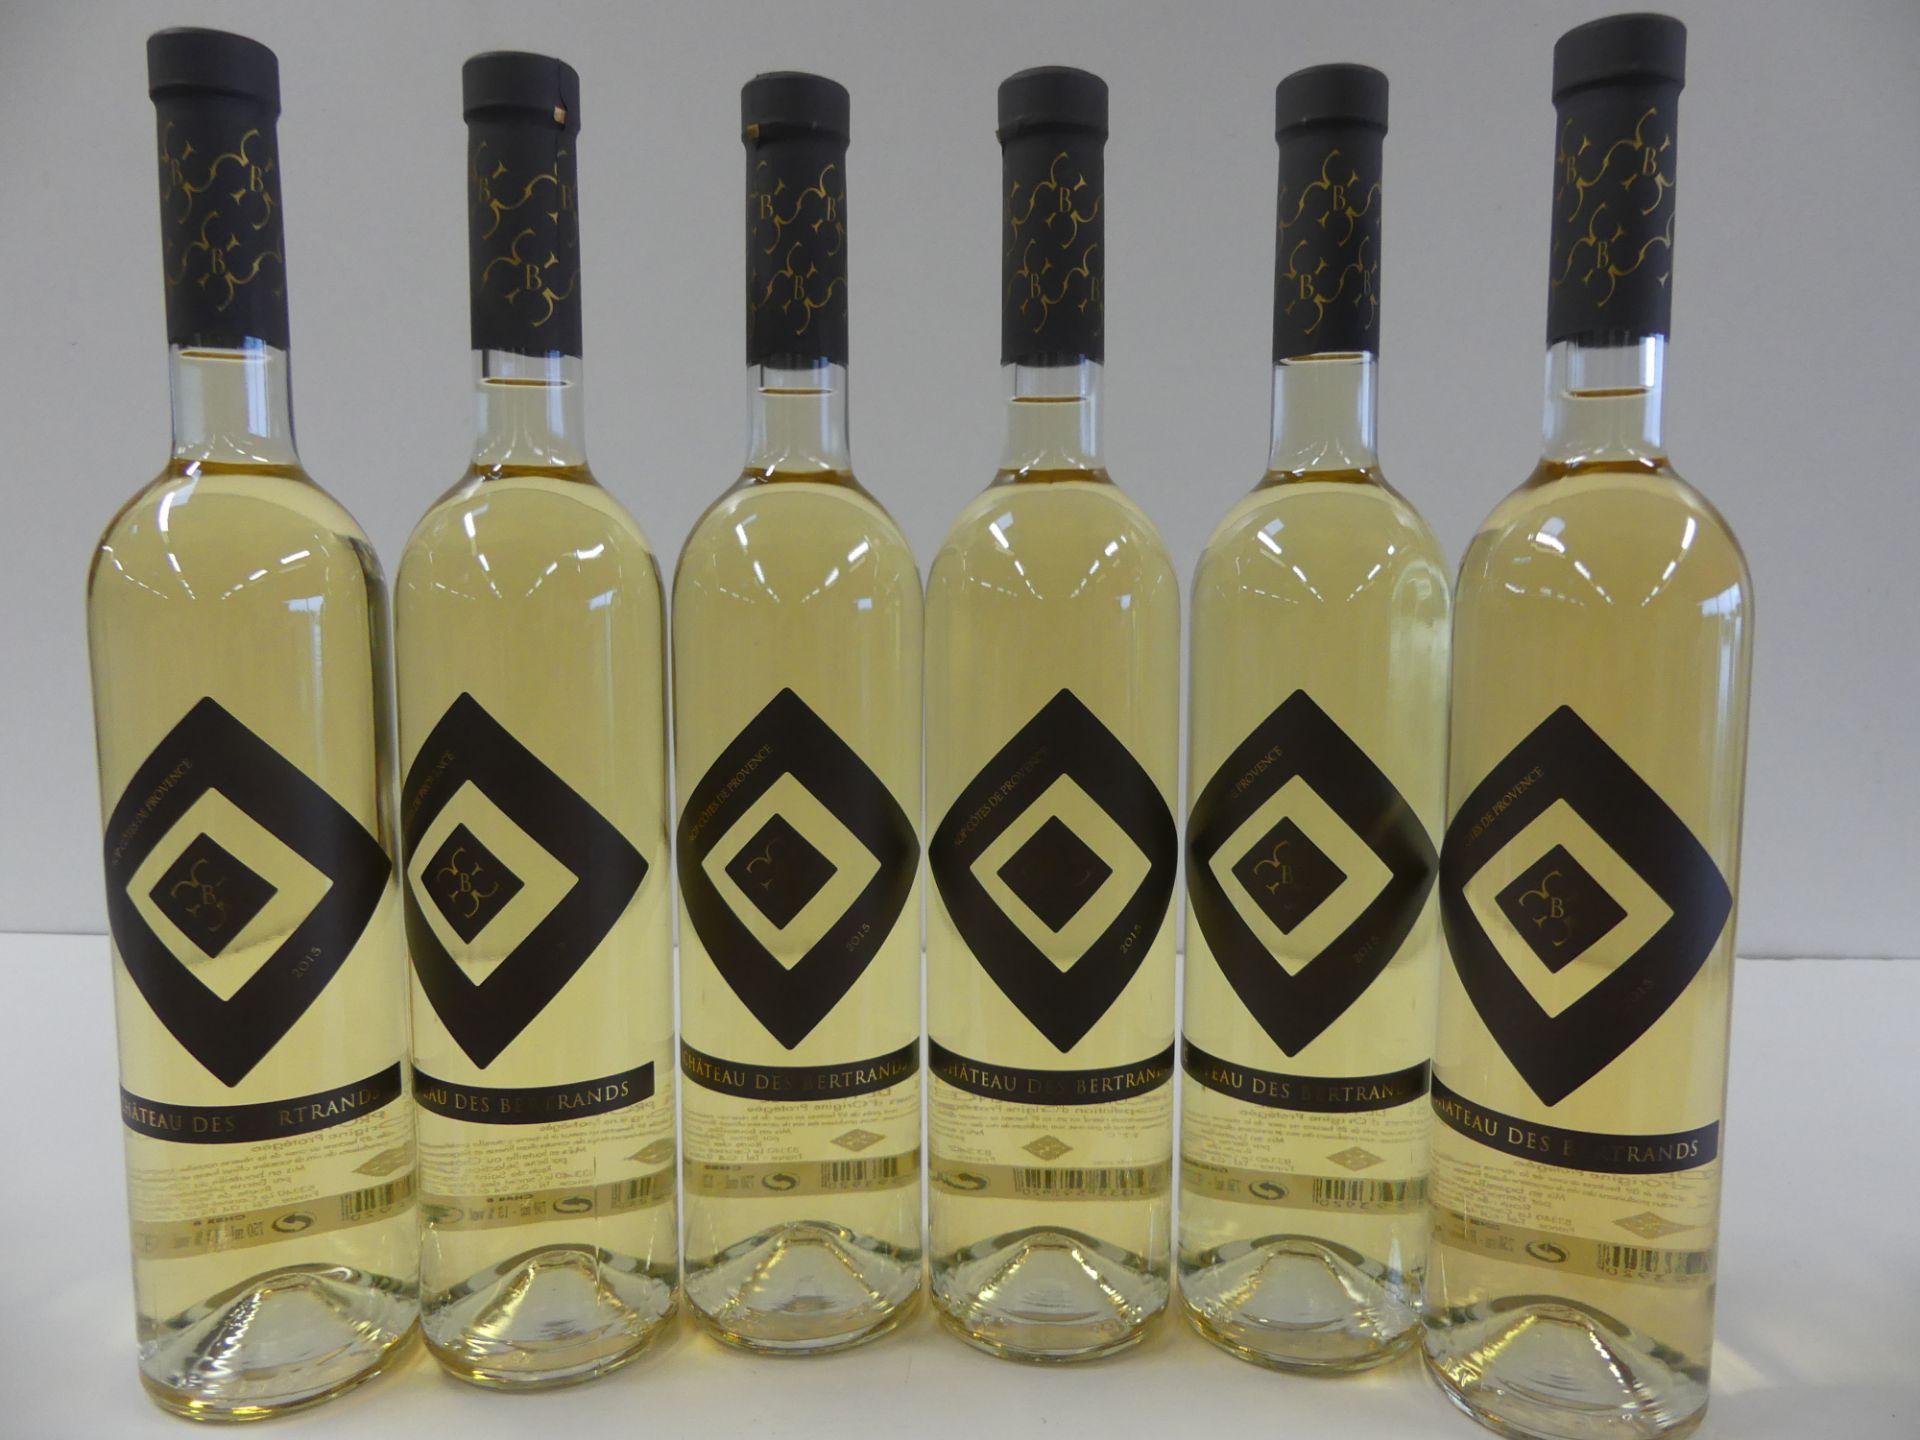 Los 56 - 6 Provence Blanc Château des Bertrands Côtes de Provence 2015 -